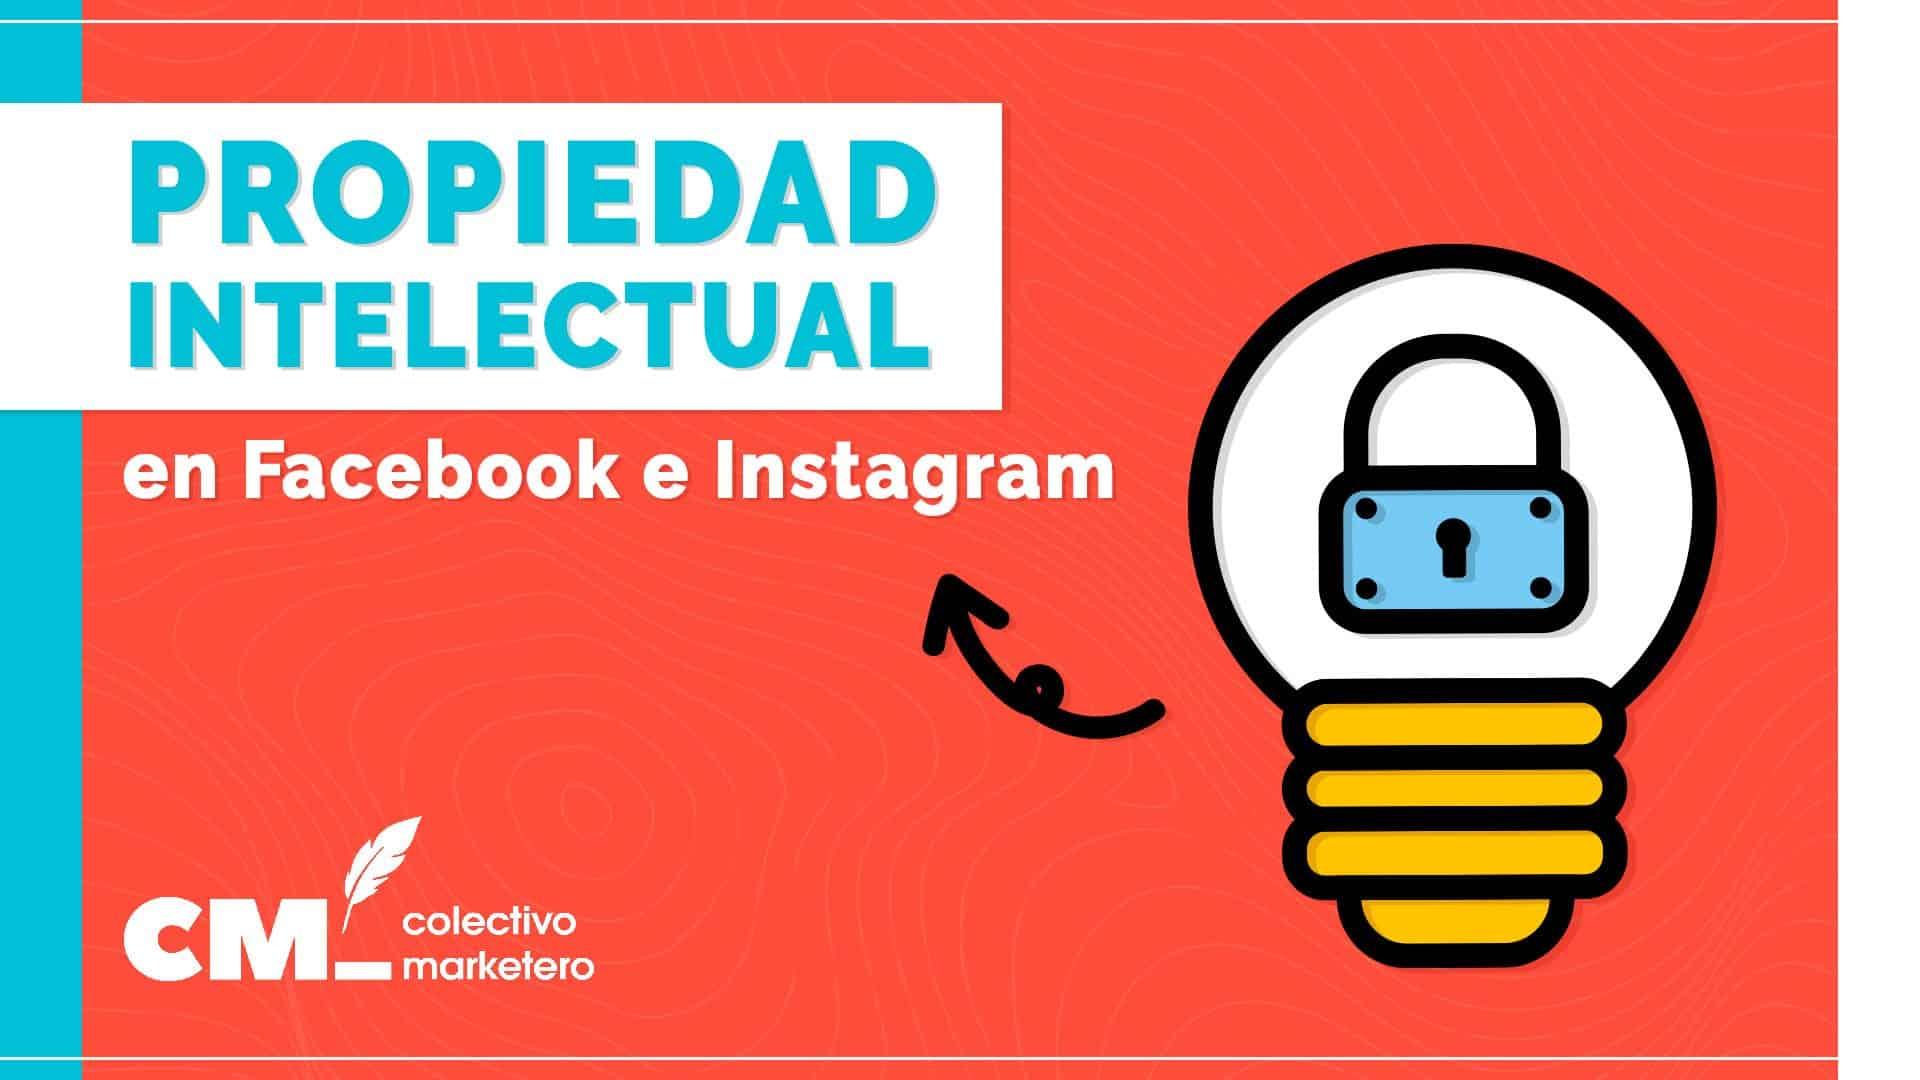 Propiedad intelectual en Facebook e Instagram